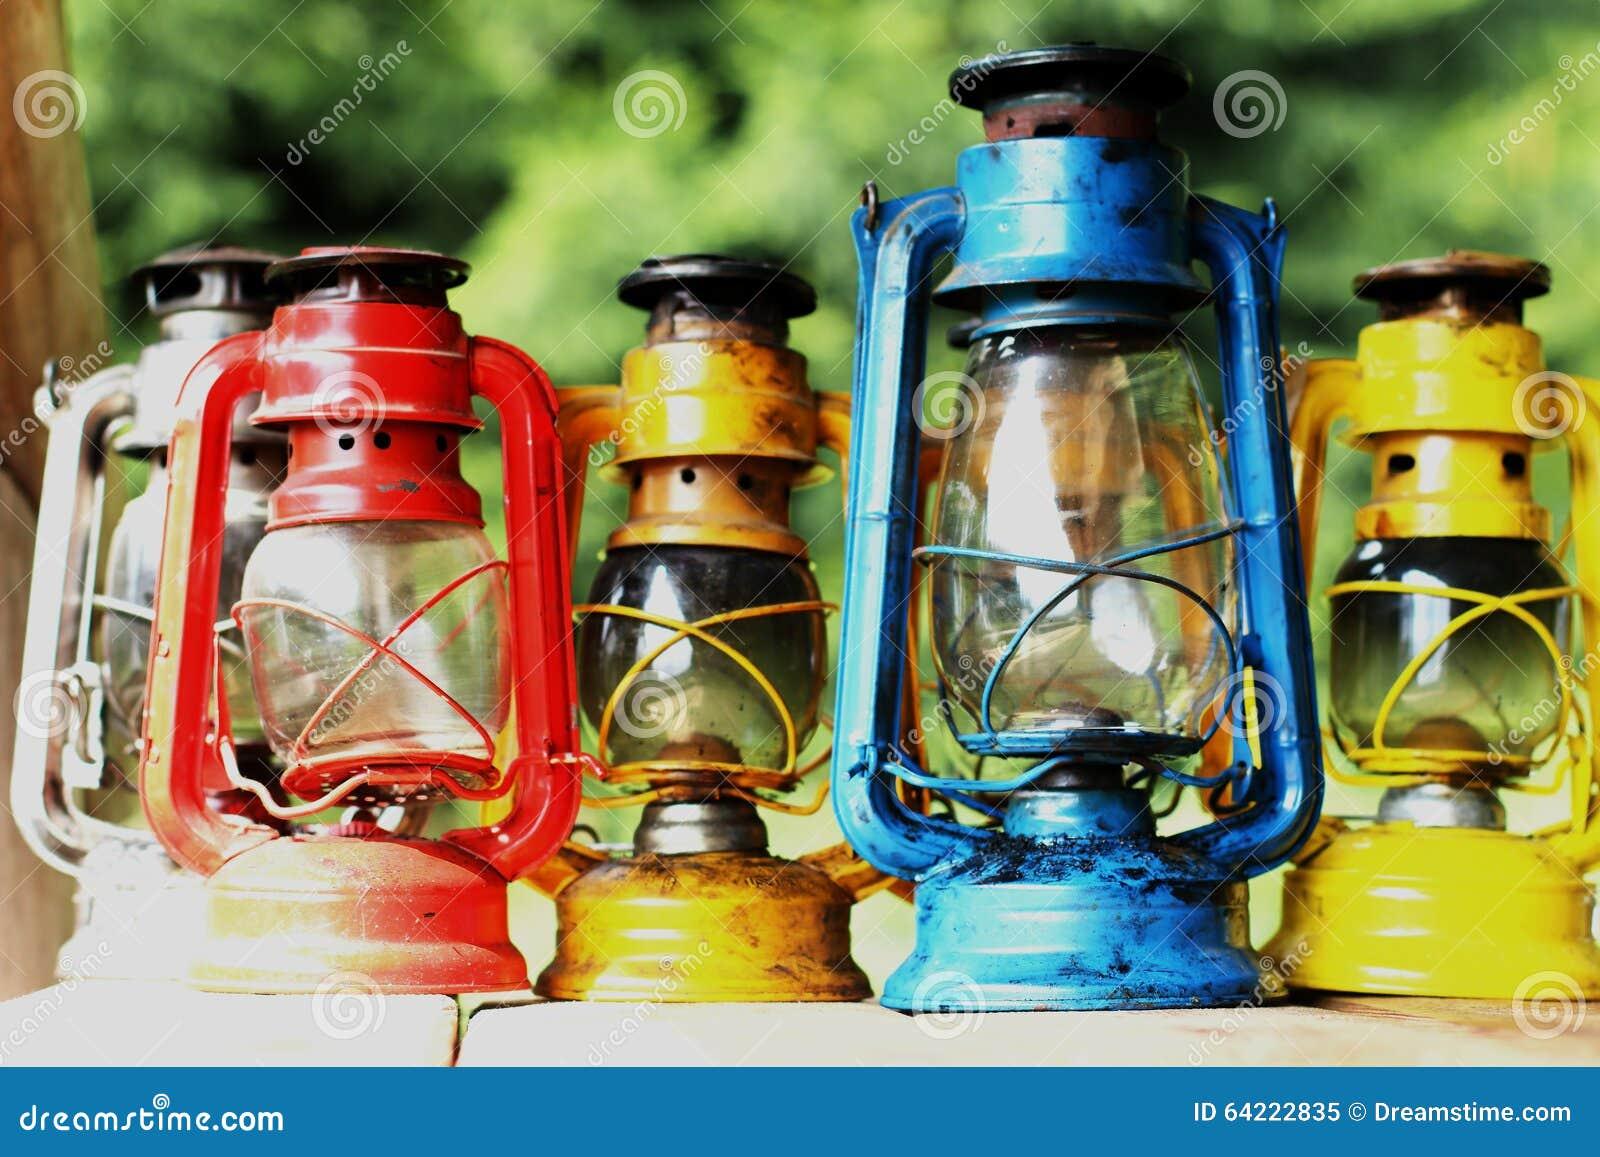 Kleurrijke kerosinelampen